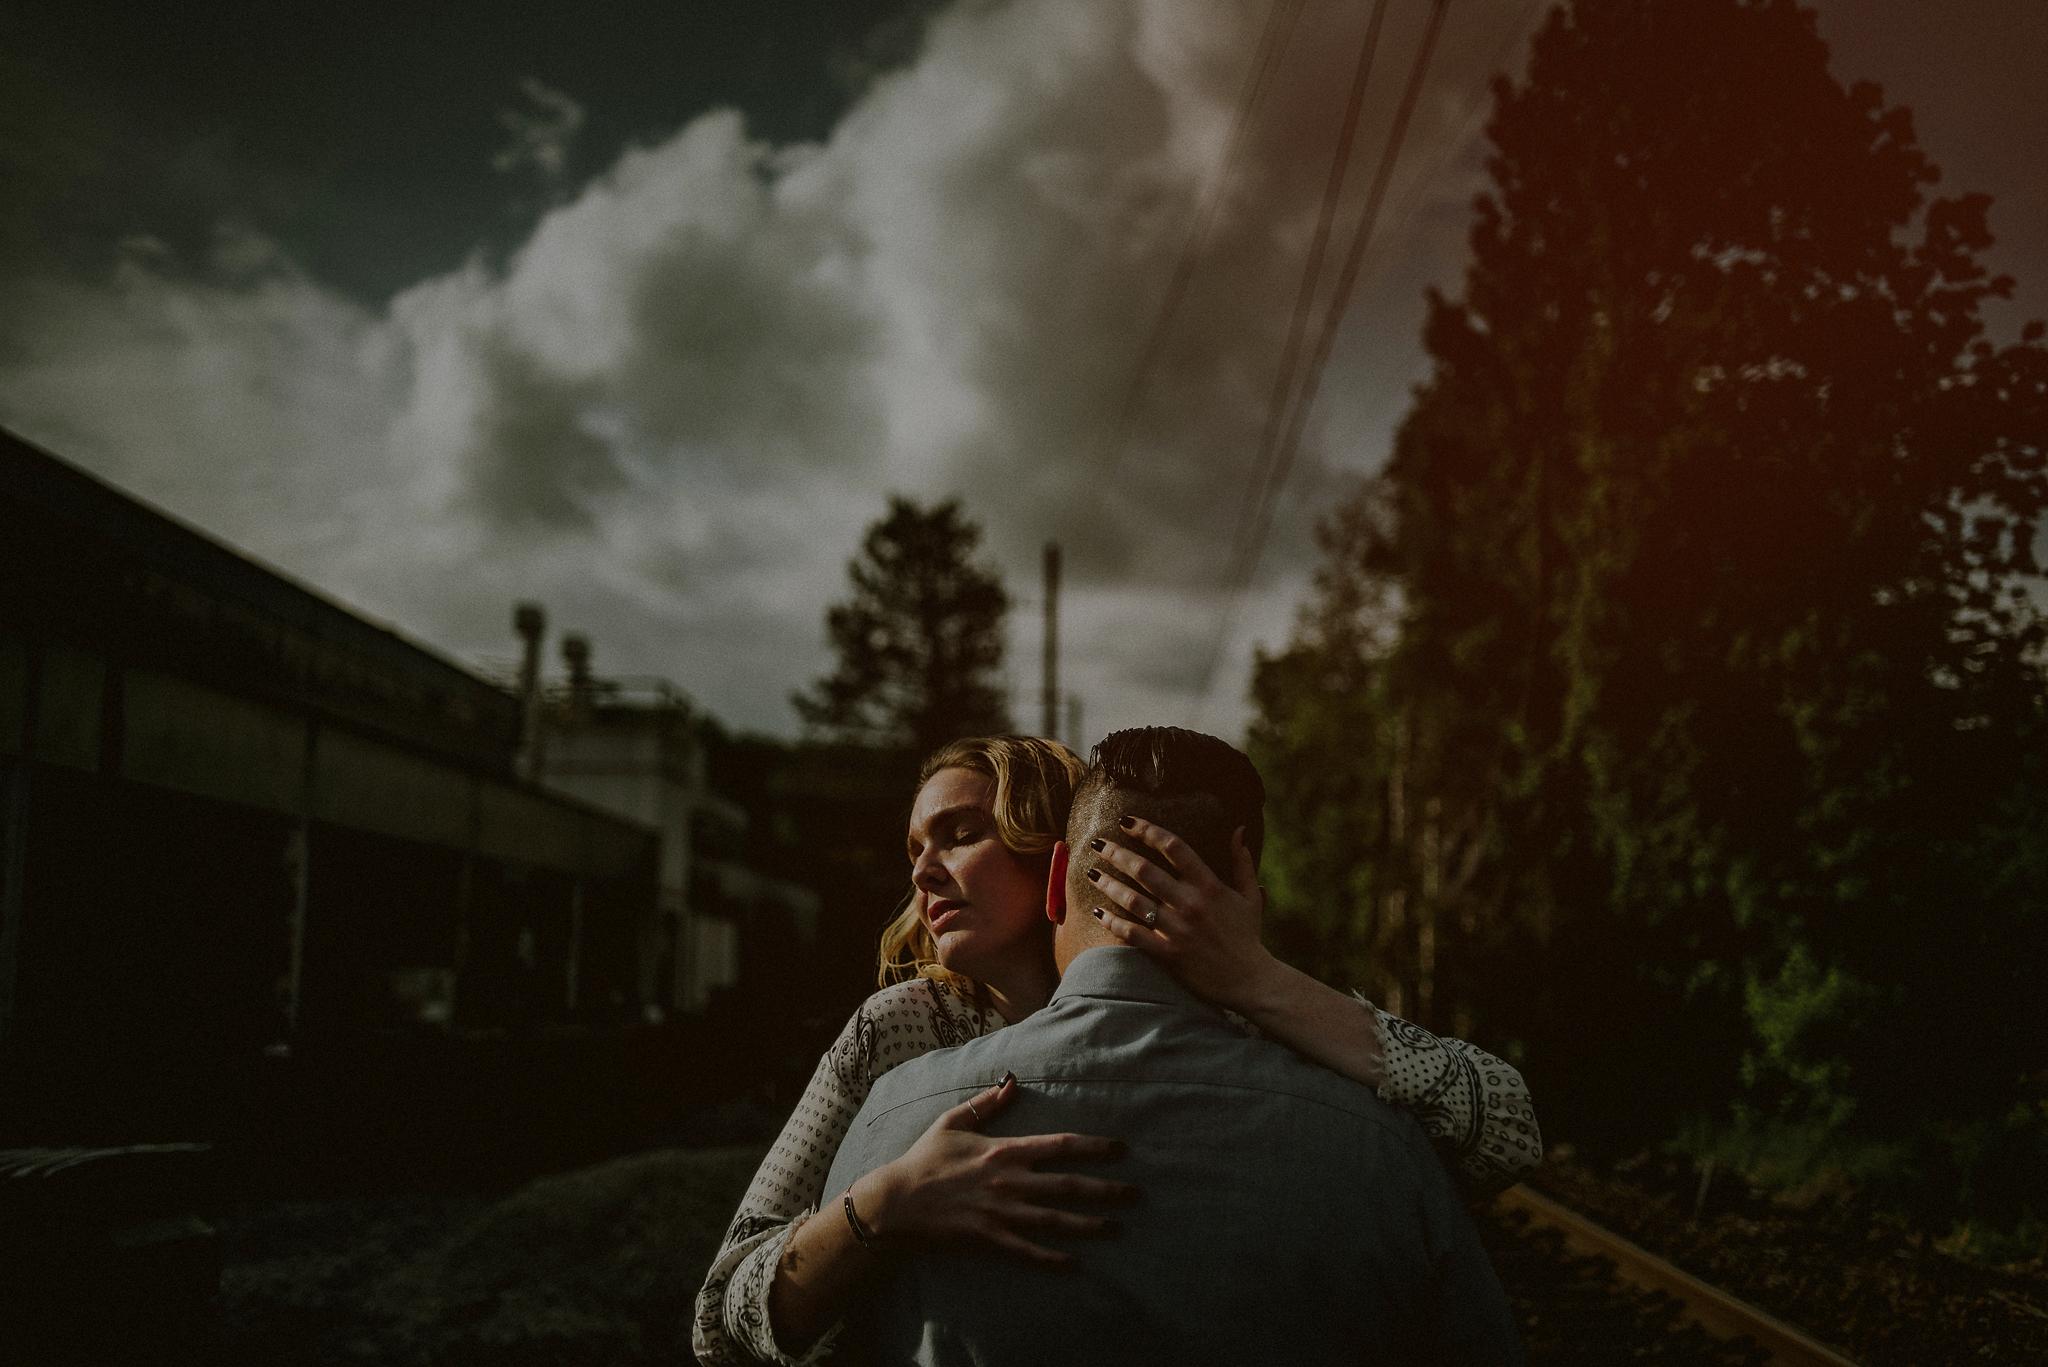 couple in harsh light